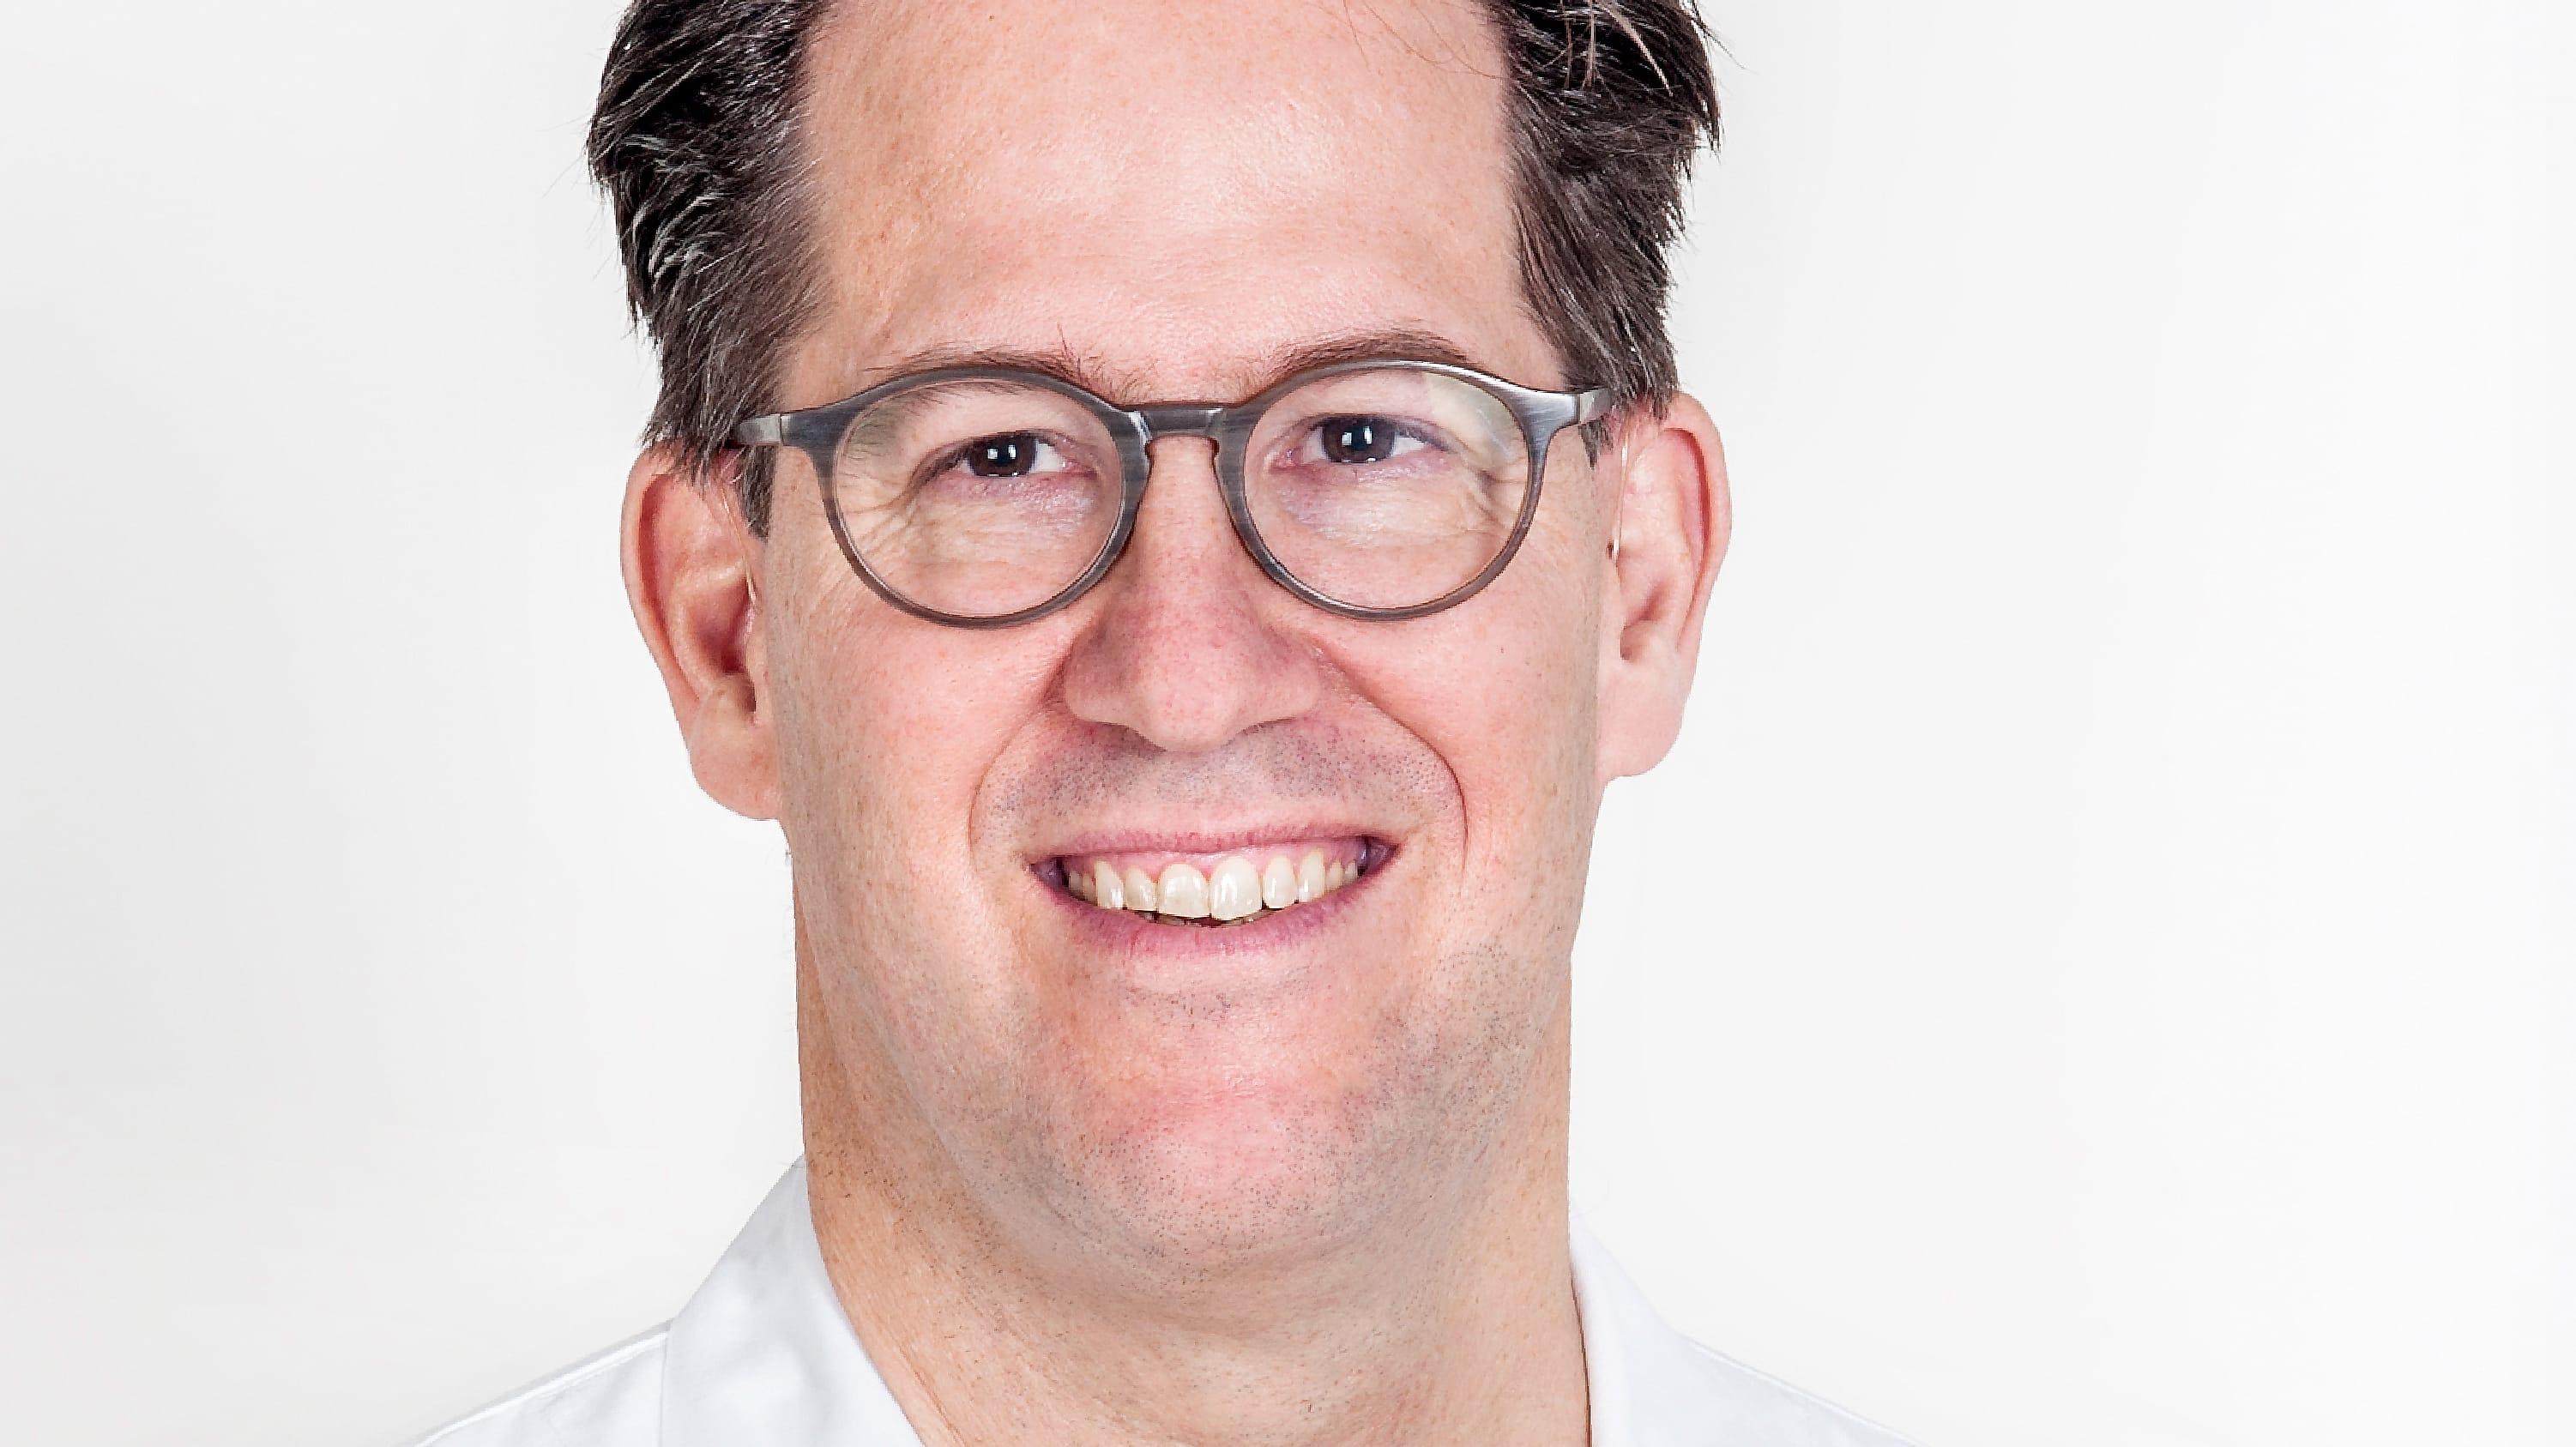 Kinder-Neurochirurgie: Das ist der erste Schweizer Chefarzt